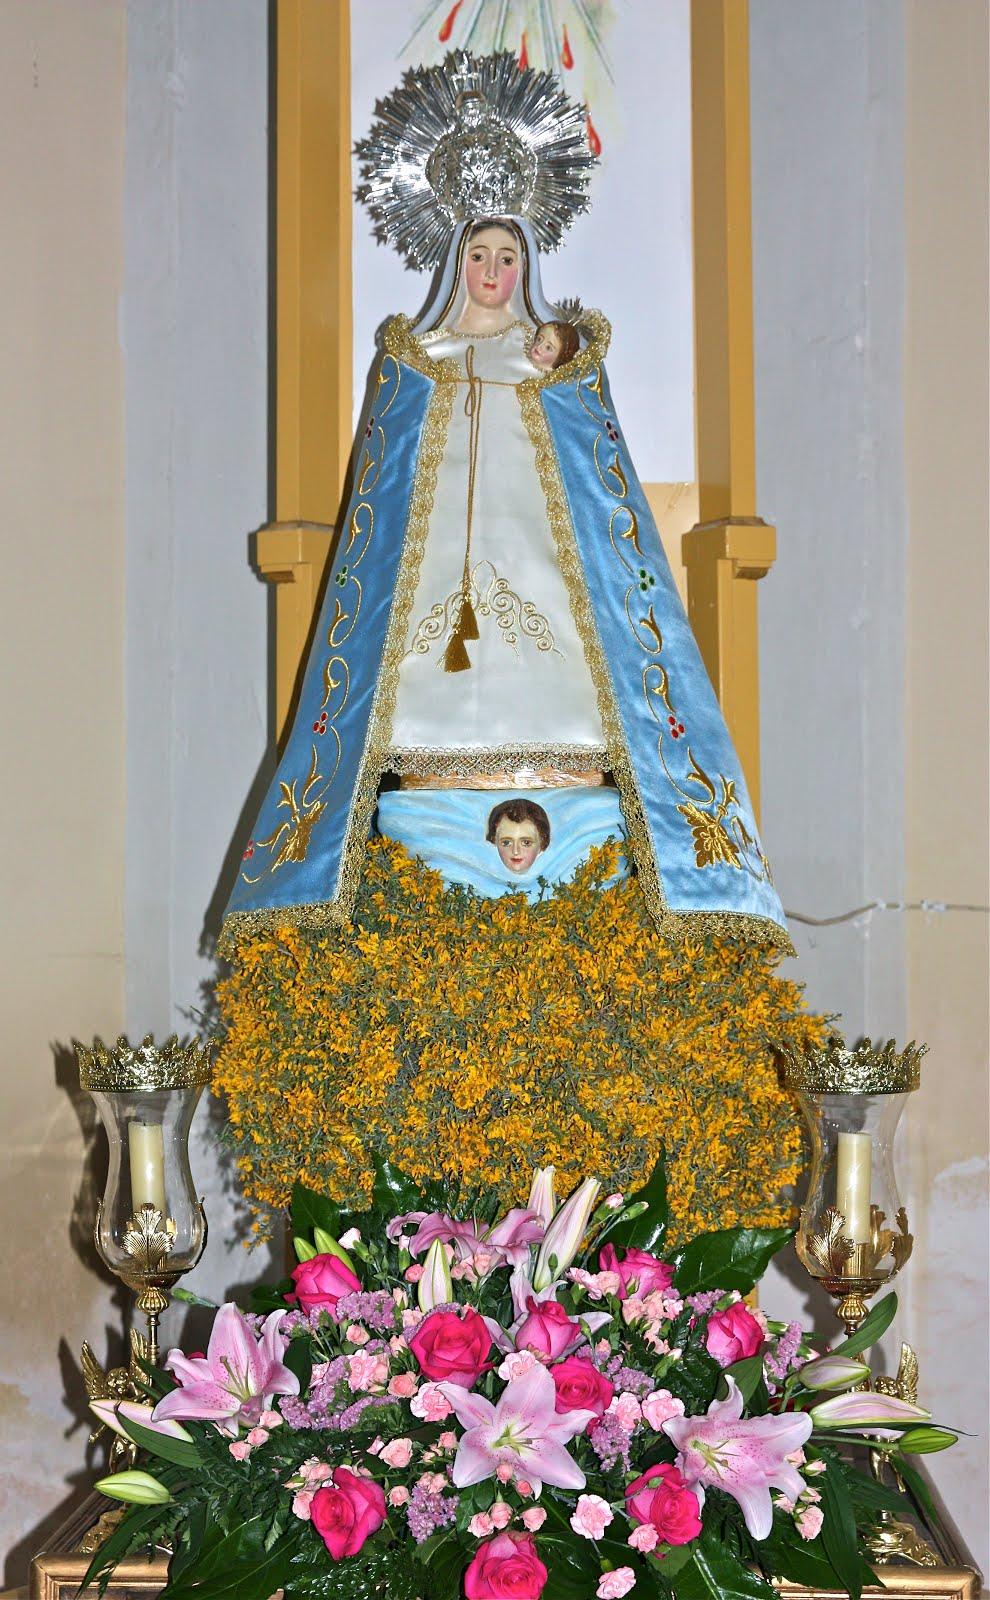 Fotogalería: Romería a la Virgen de la Aliaga de Blesa, Josa, Huesa del Común y Cortes de Aragón.